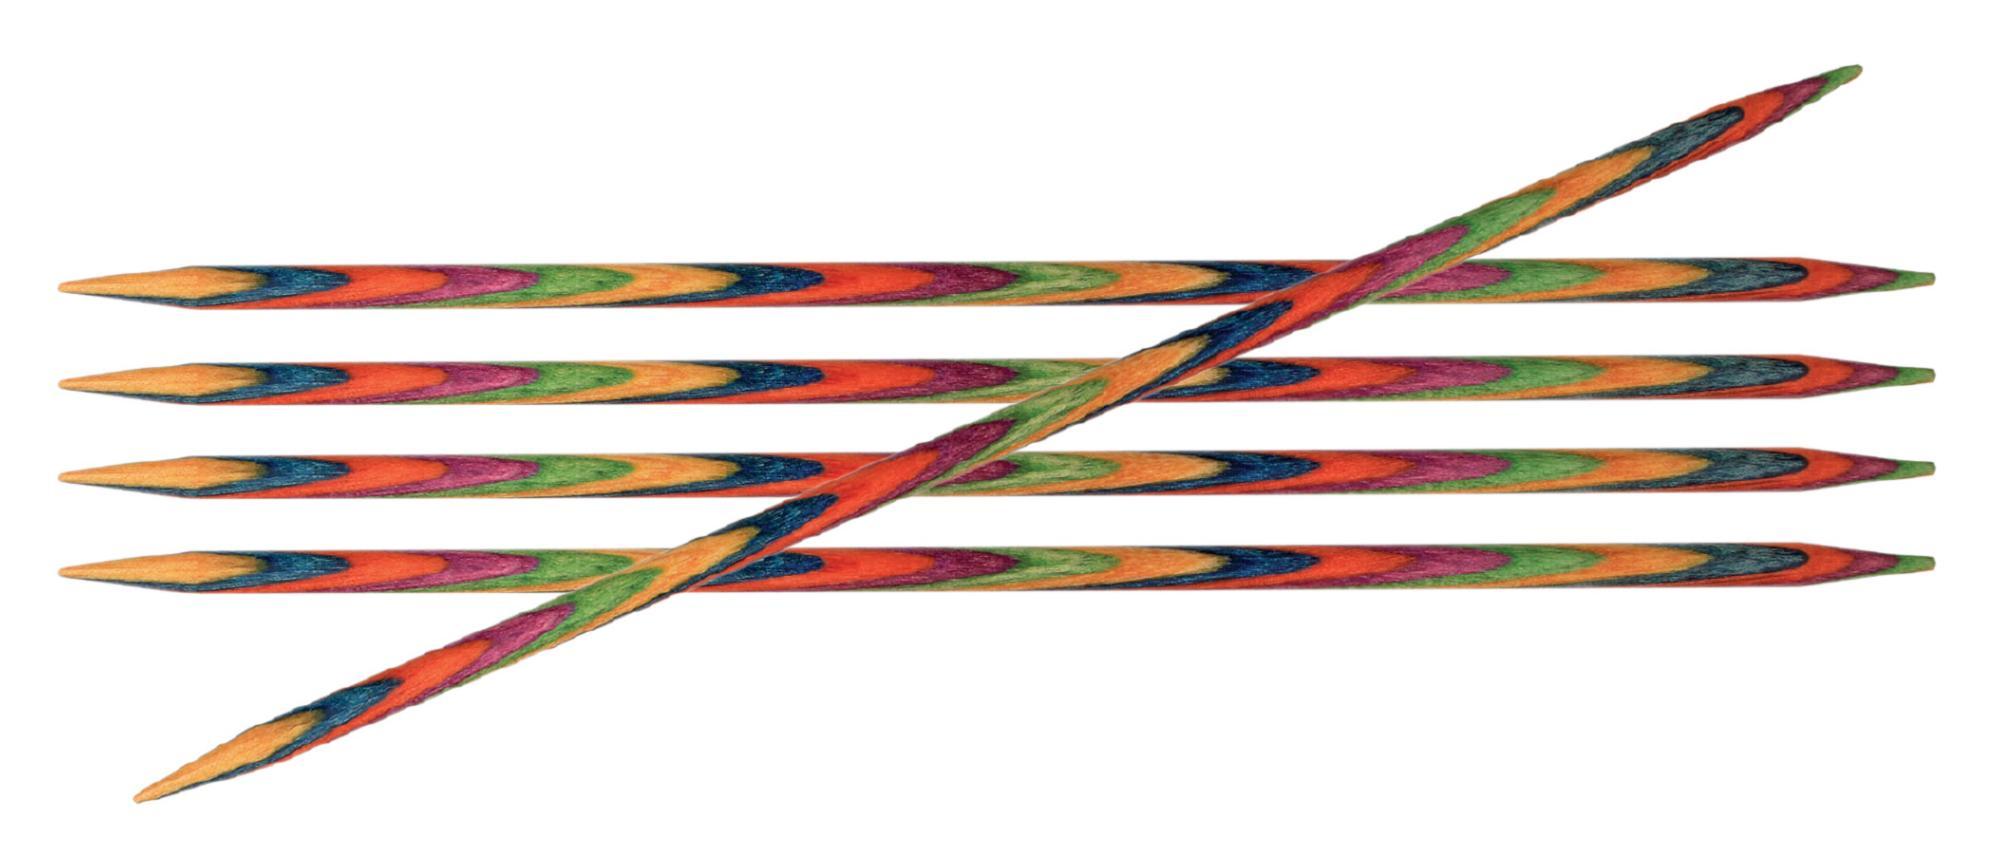 Спицы носочные 20 см Symfonie Wood KnitPro, 20132, 2.75 мм